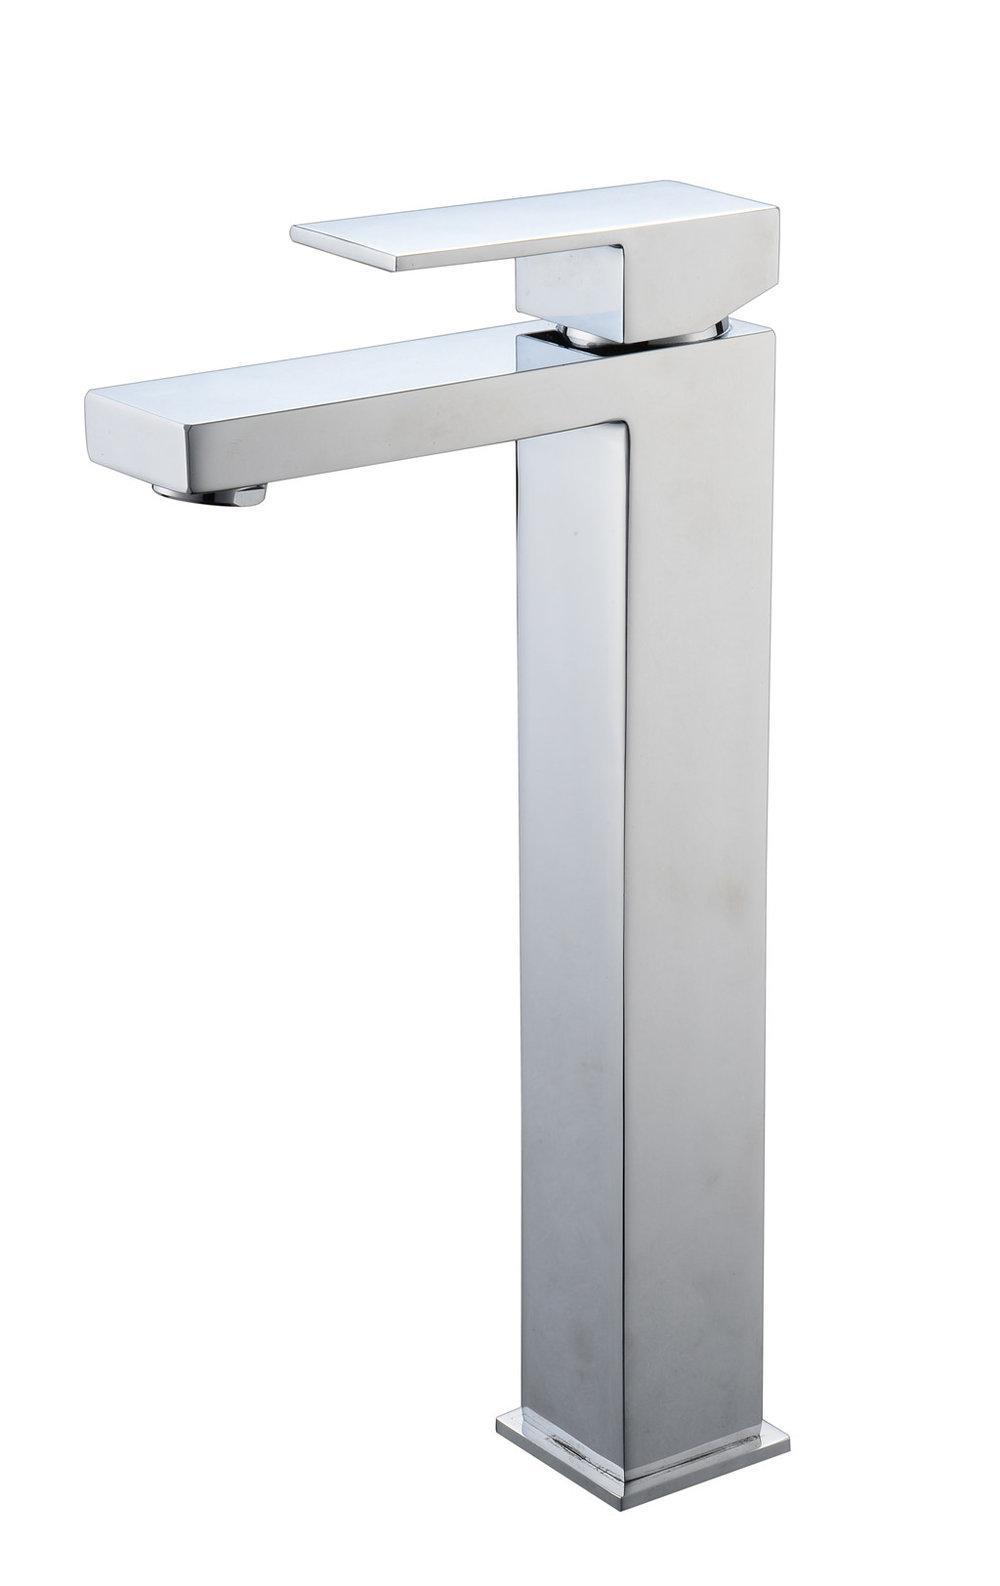 3802-109: Basin faucet